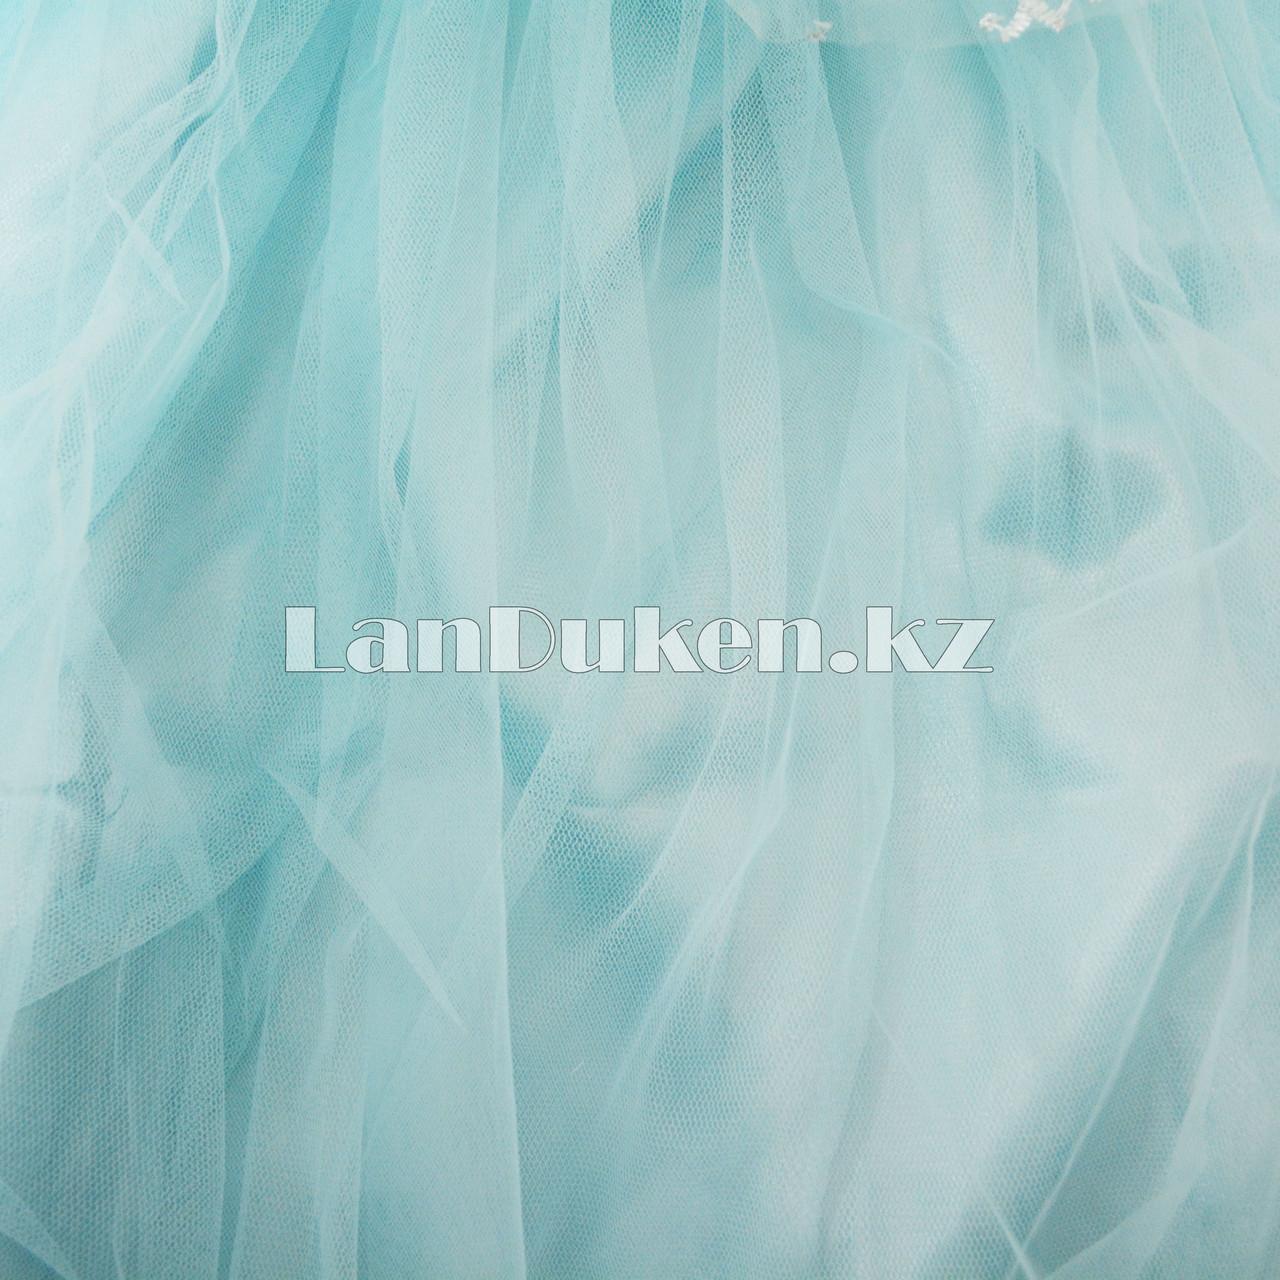 Костюм Эльзы (Холодное Сердце) с аксессуарами (корона и палочки с 3 режимами) - фото 6